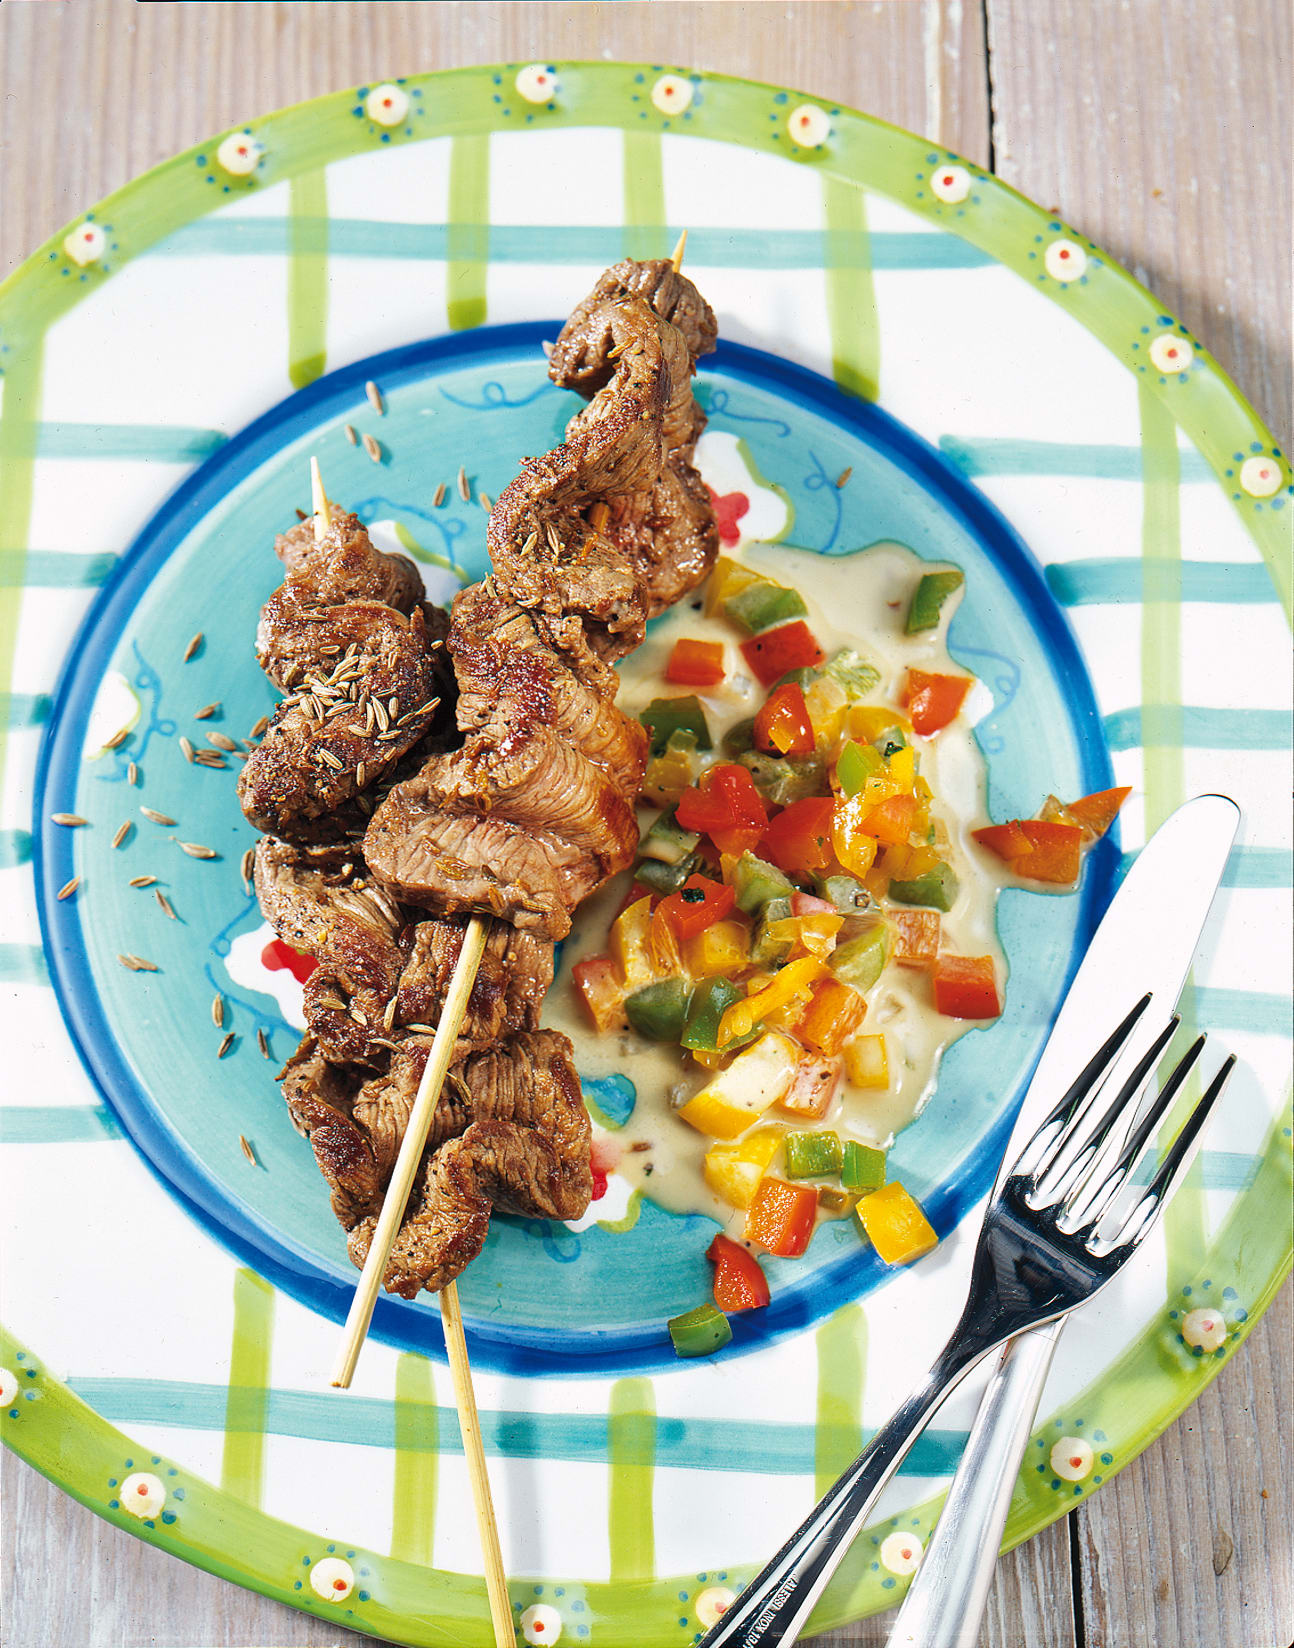 Brochettes de boeuf sauce aux poivrons et aux oignons